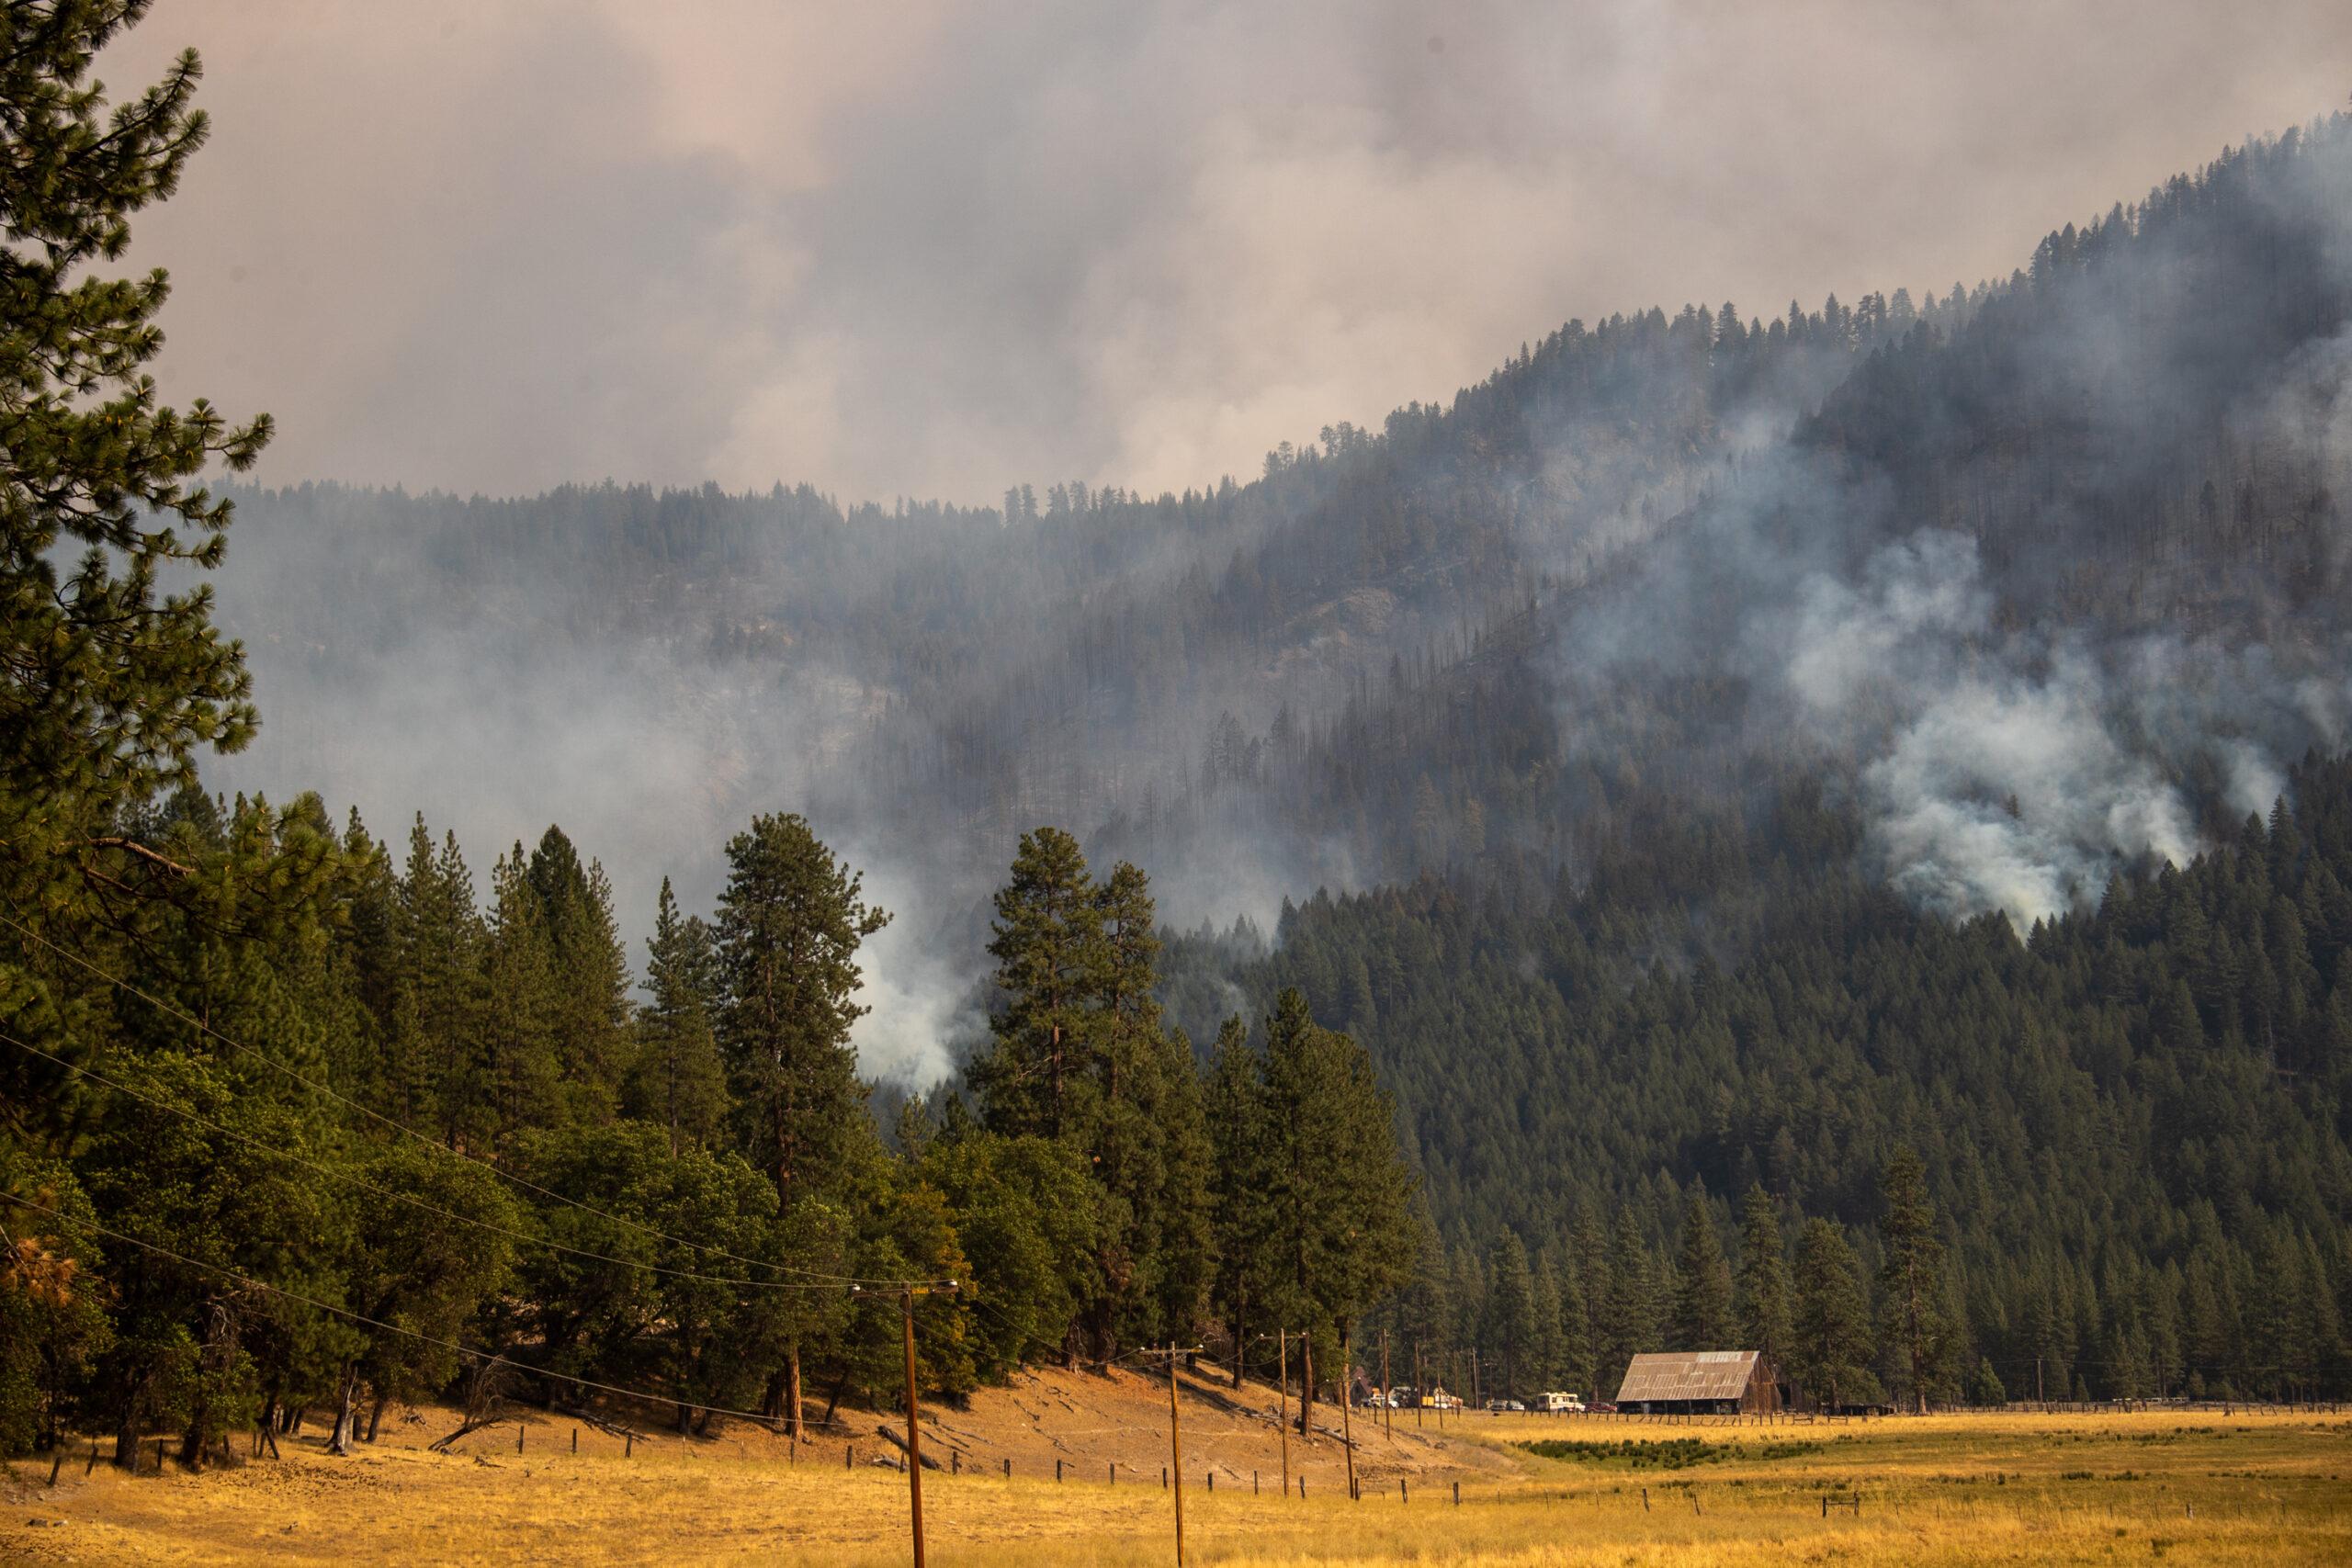 แคลิฟอร์เนียสั่งปิดป่า รวม 50 ล้านไร่ หวั่นอันตรายจาก 'ไฟป่า'